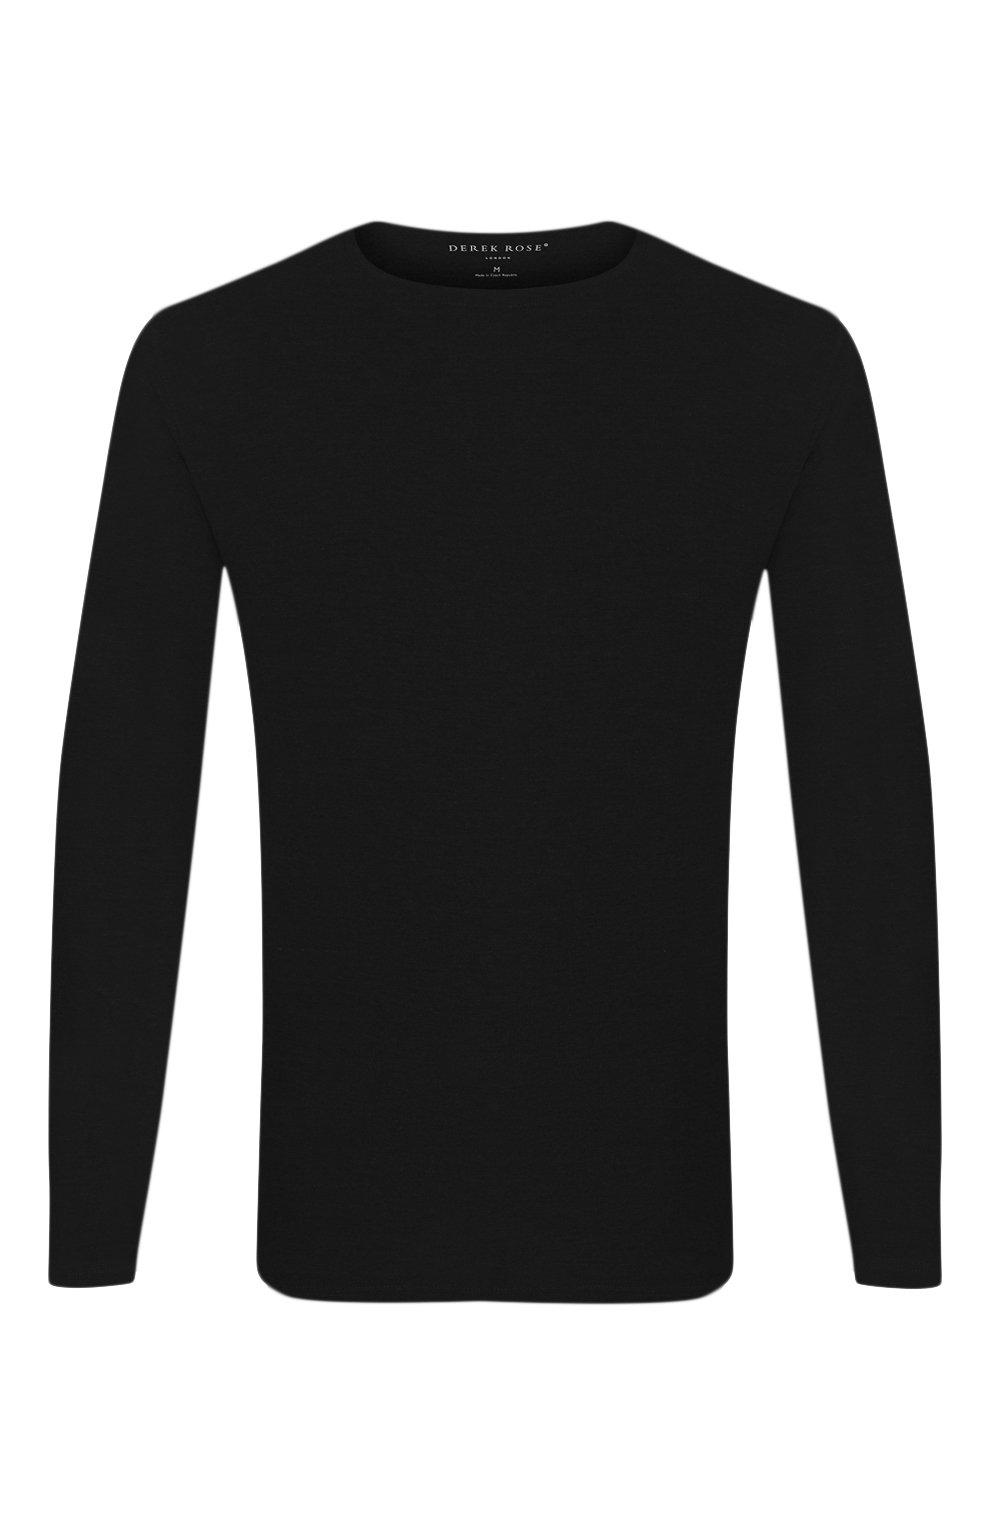 Мужская лонгслив DEREK ROSE черного цвета, арт. 3083-BASE001   Фото 1 (Рукава: Длинные; Кросс-КТ: домашняя одежда; Материал внешний: Синтетический материал; Длина (для топов): Стандартные; Мужское Кросс-КТ: Футболка-белье; Статус проверки: Проверена категория)